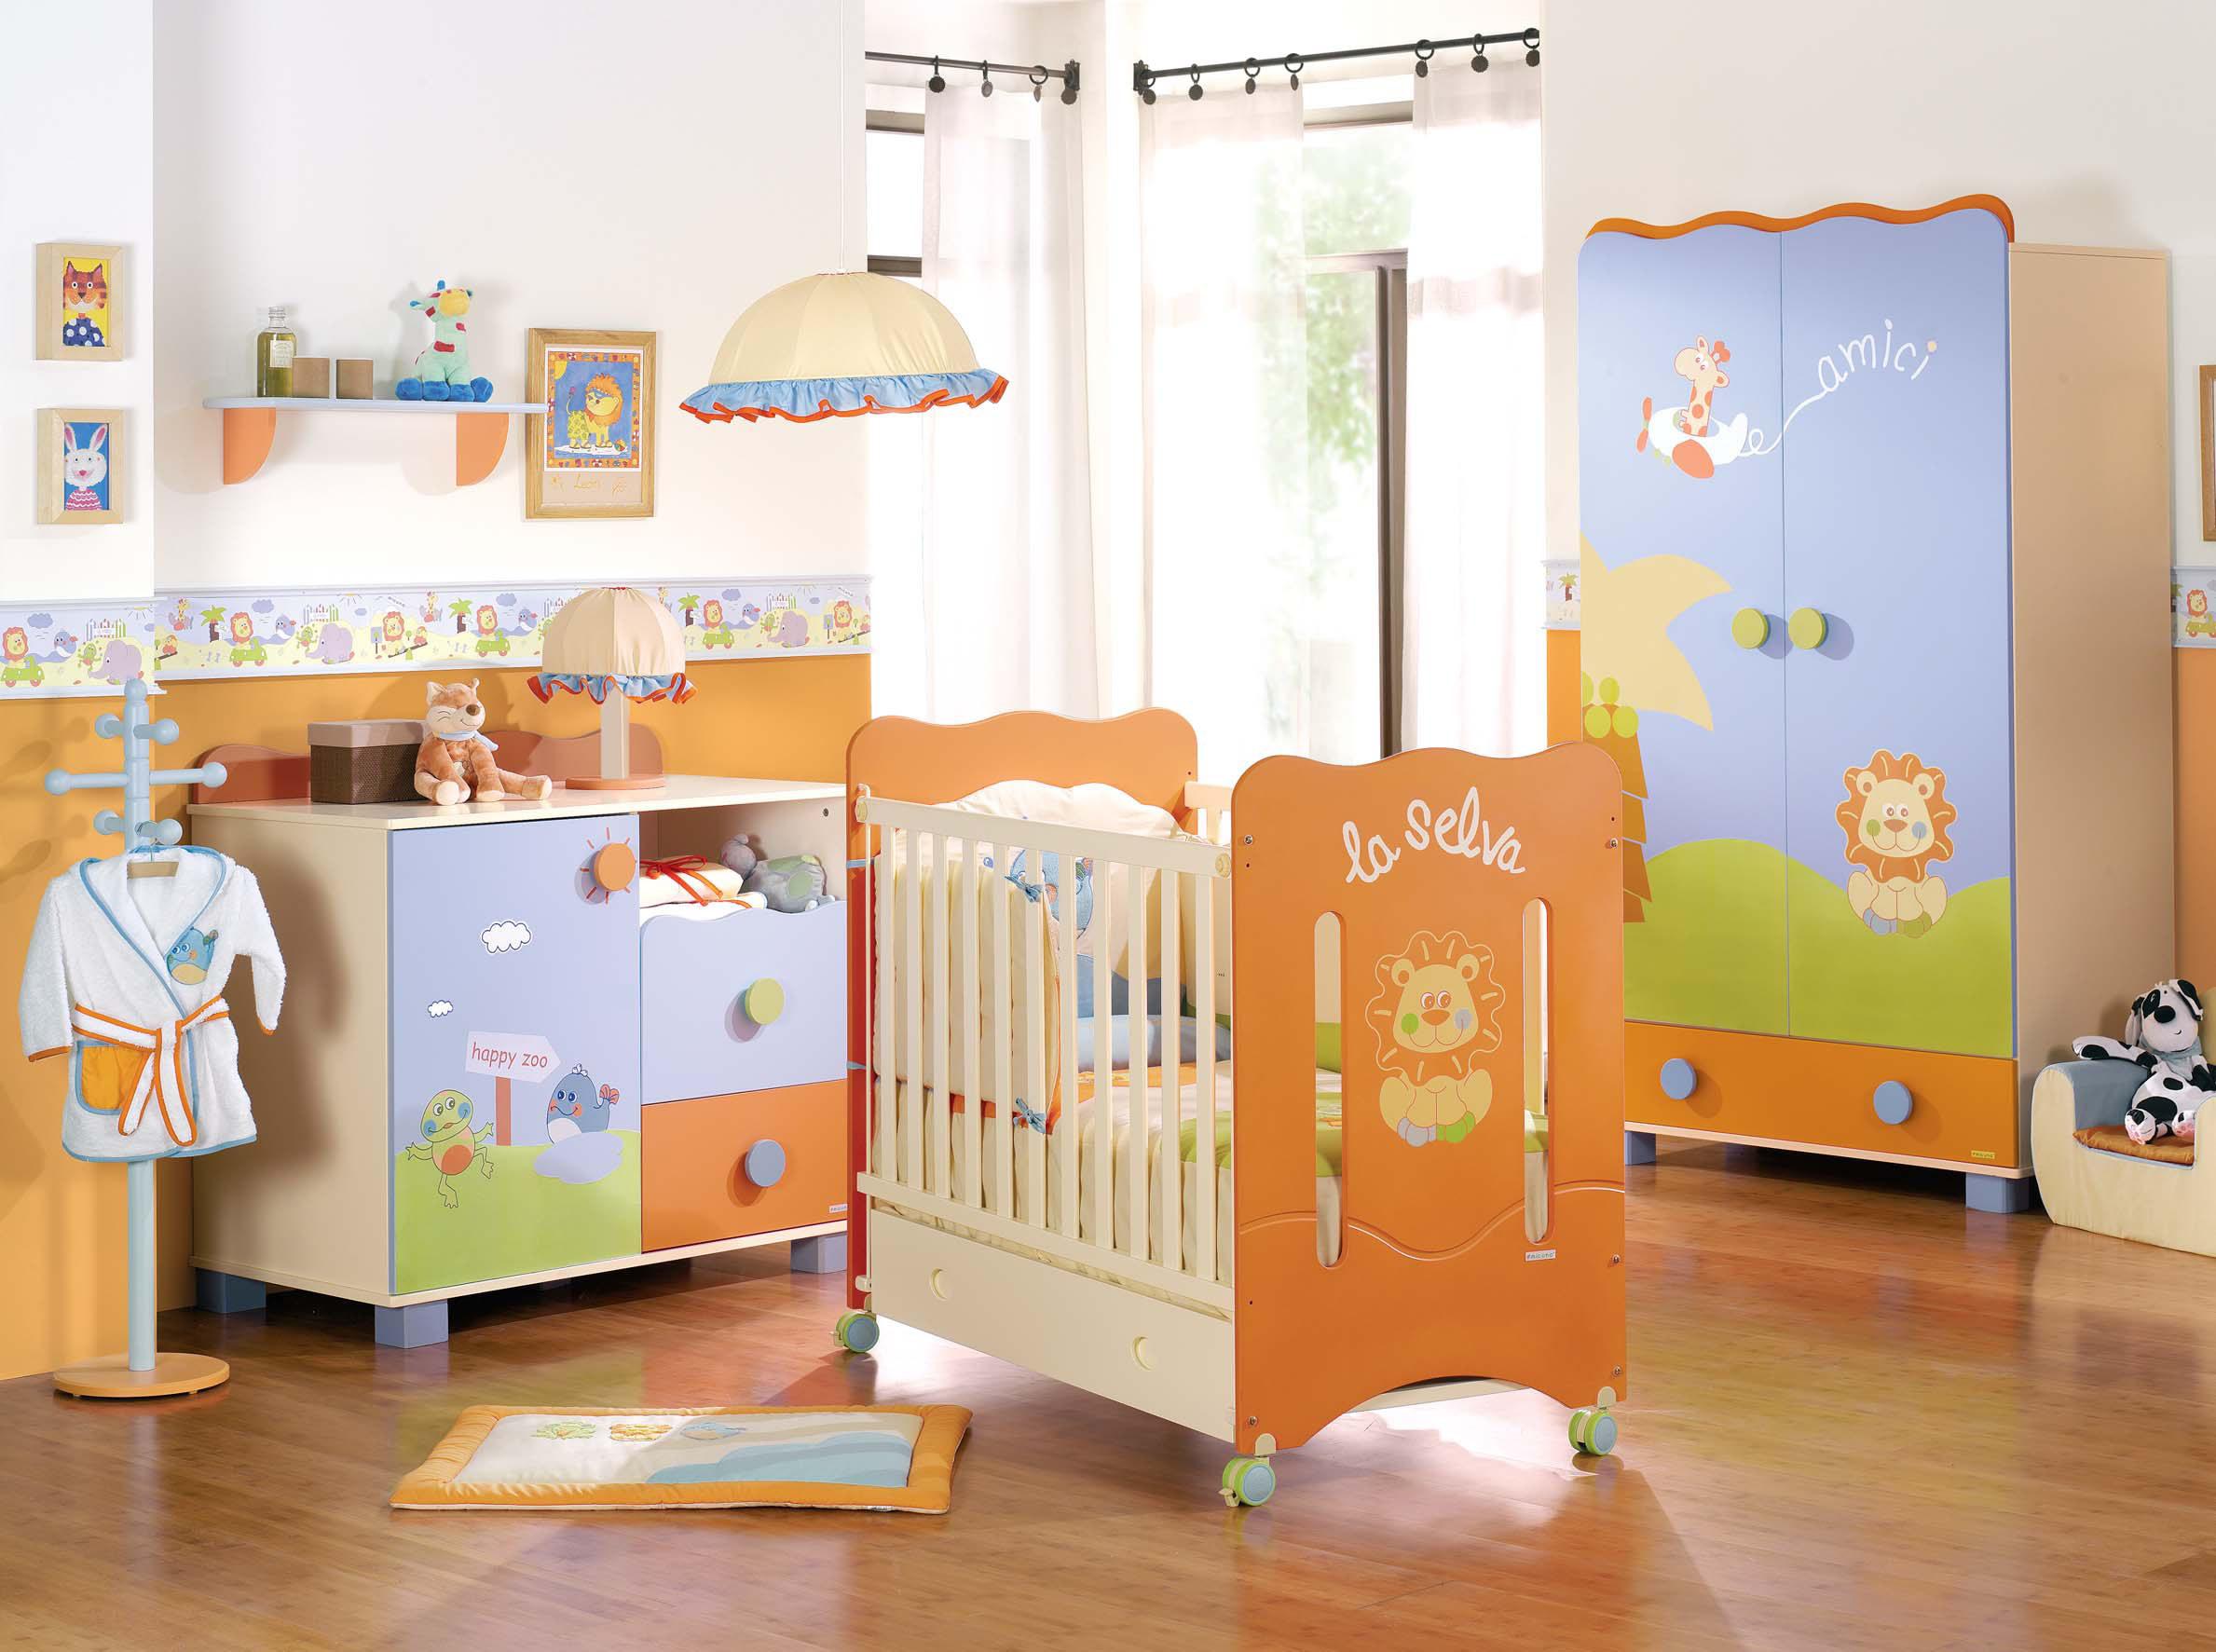 Decoração para quarto de bebê pequeno